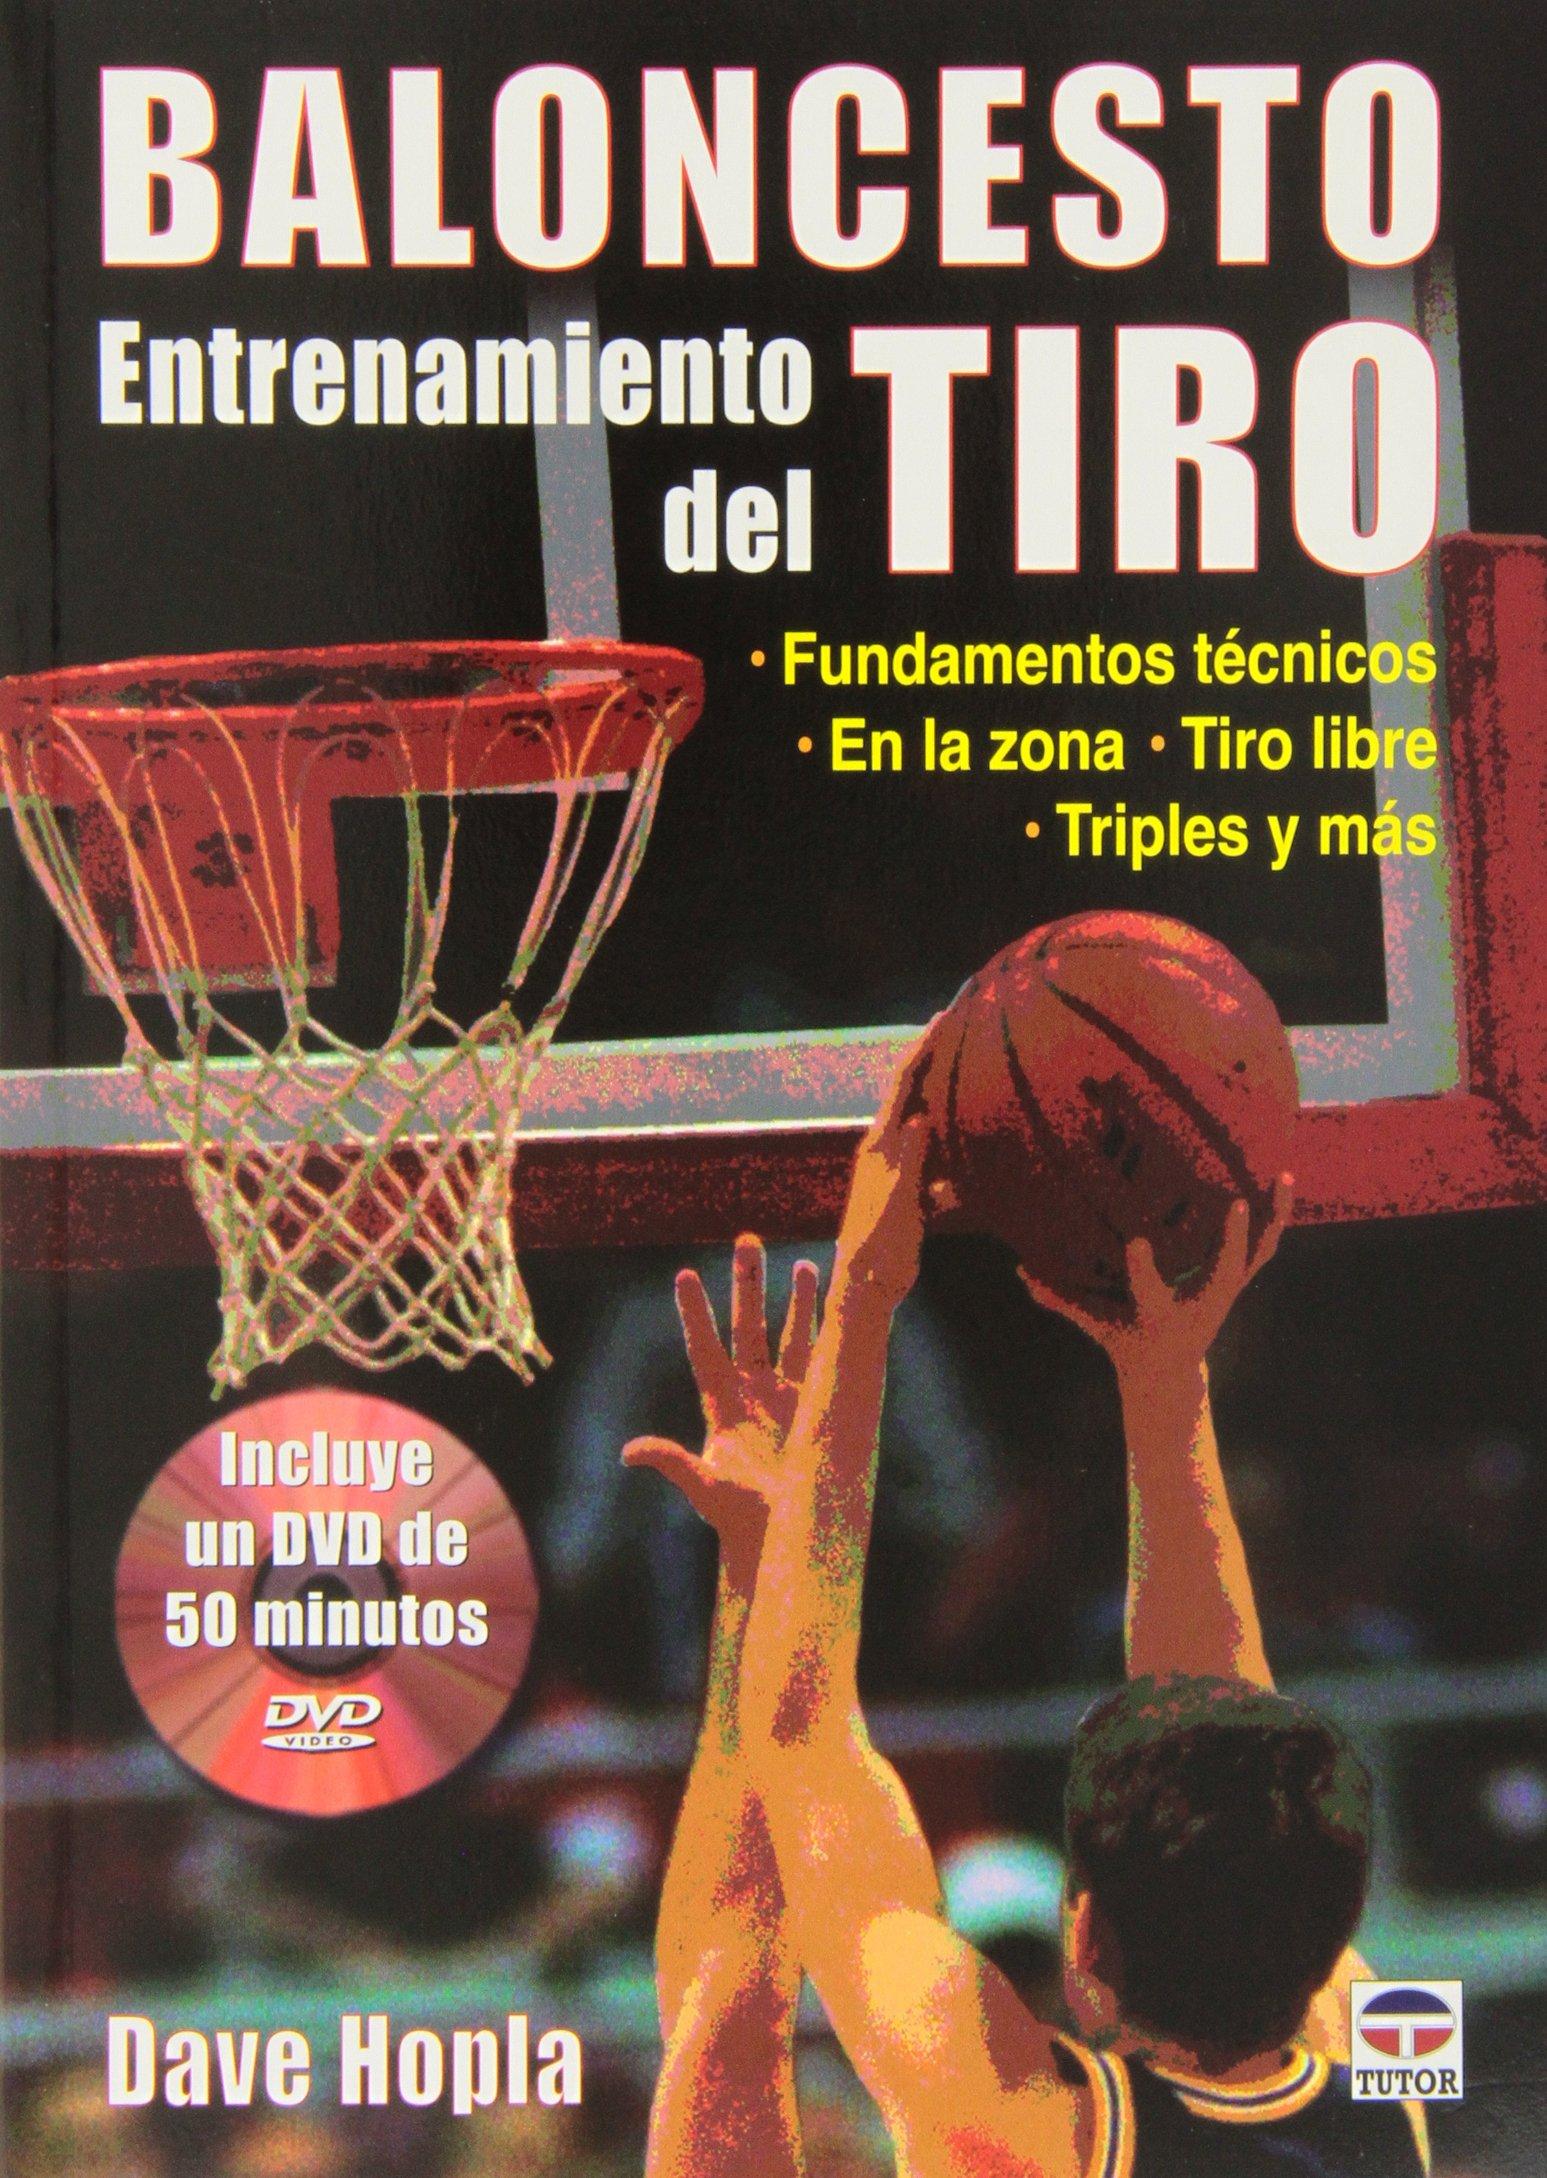 Baloncesto. Entrenamiento del tiro: Amazon.es: Hopla, Dave: Libros